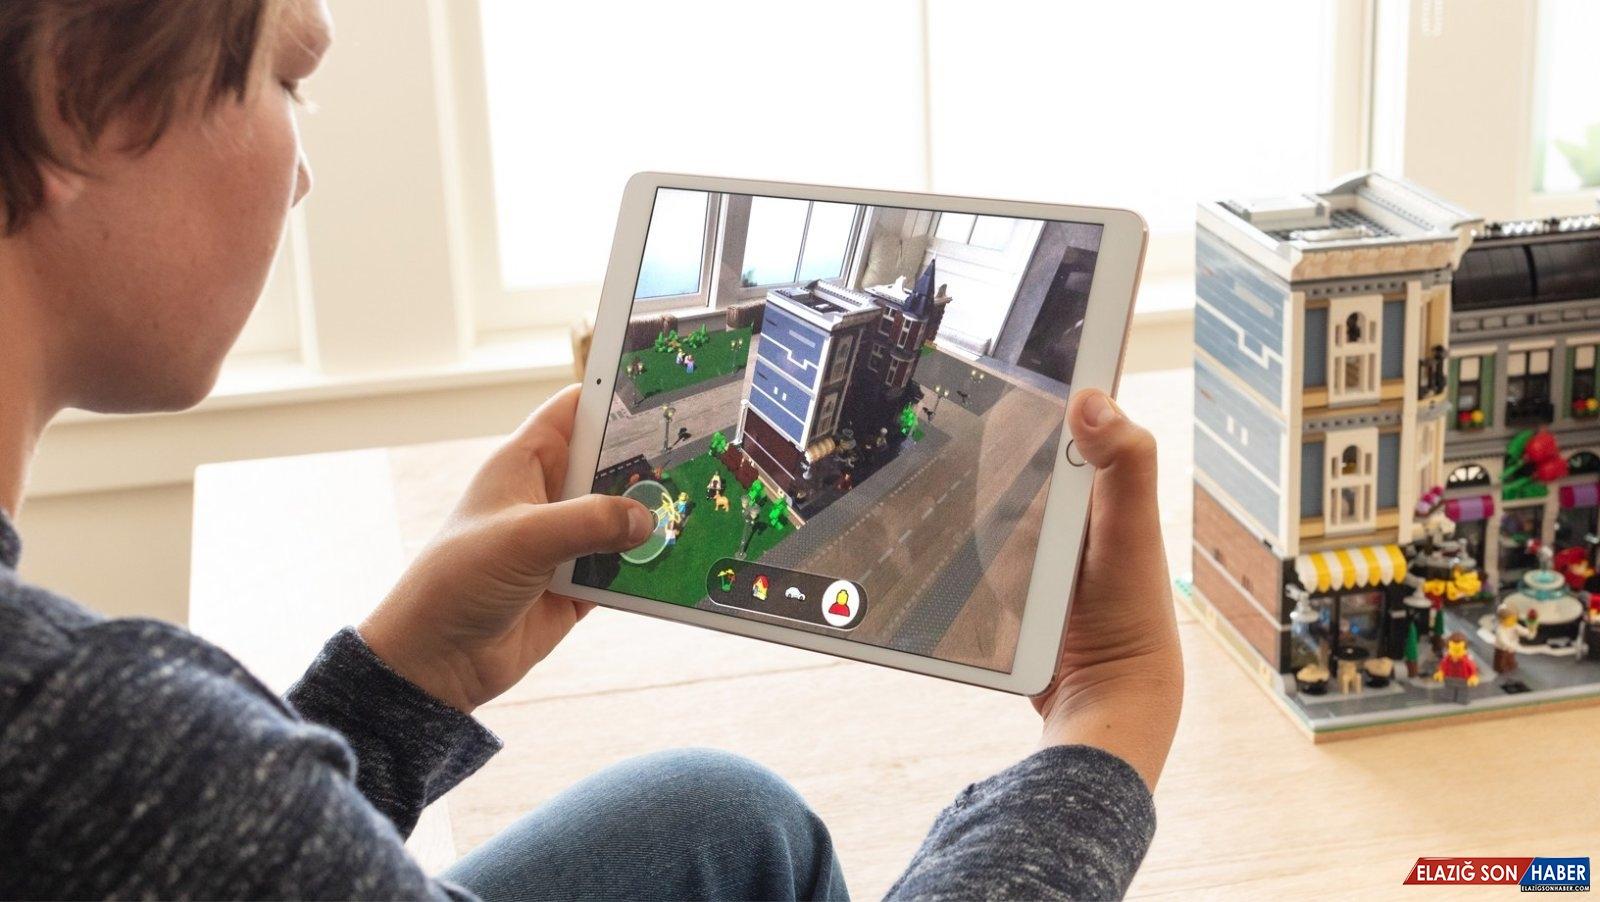 Apple'dan, Artırılmış Gerçekliğin Önemini Vurgulayan Yönetici Ataması